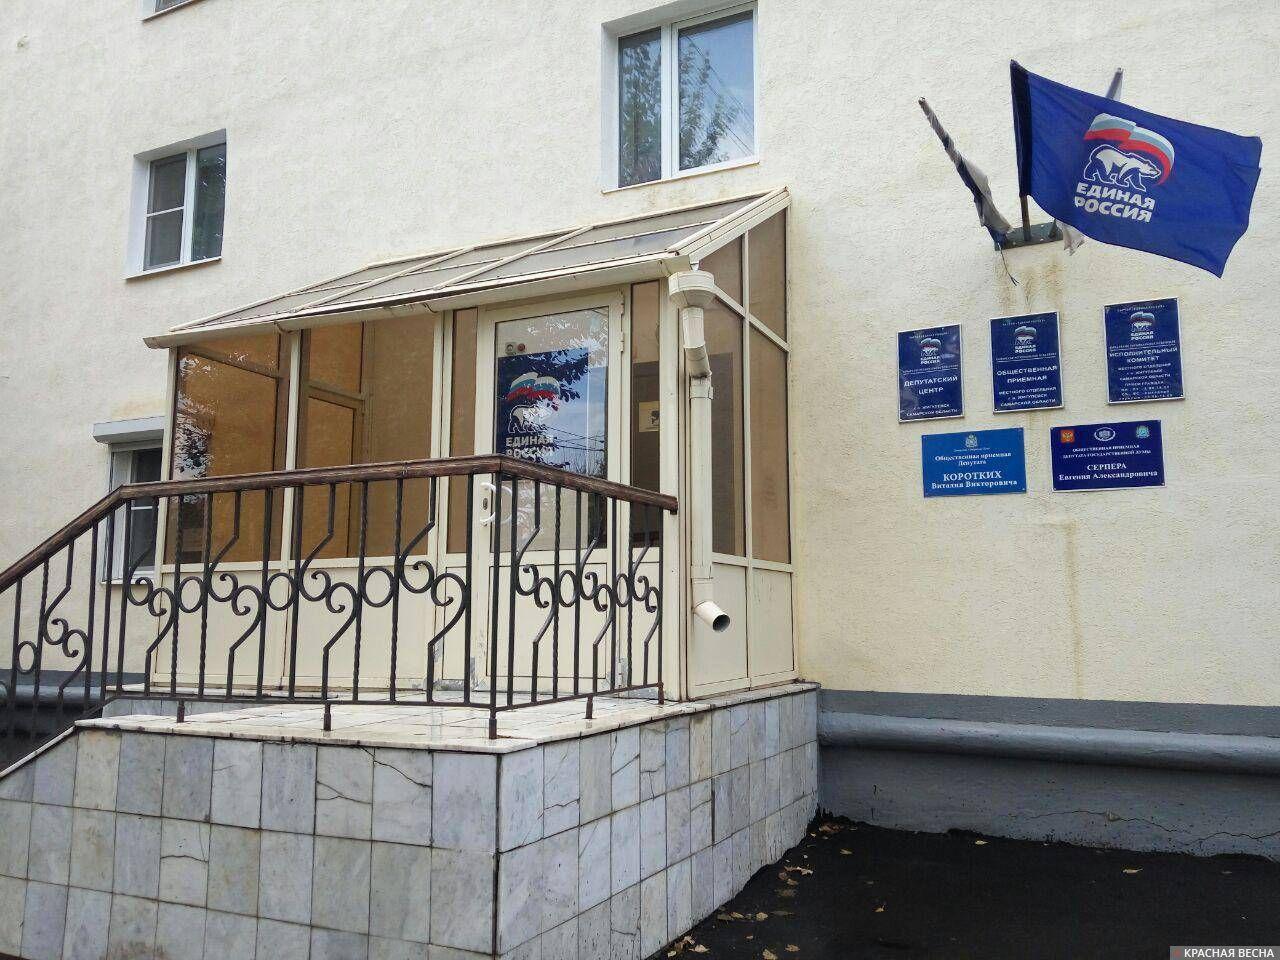 Офис партии «Единая Россия» в Жигулевске 6 ноября Сафиуллов Дамир©ИА Красная Весна